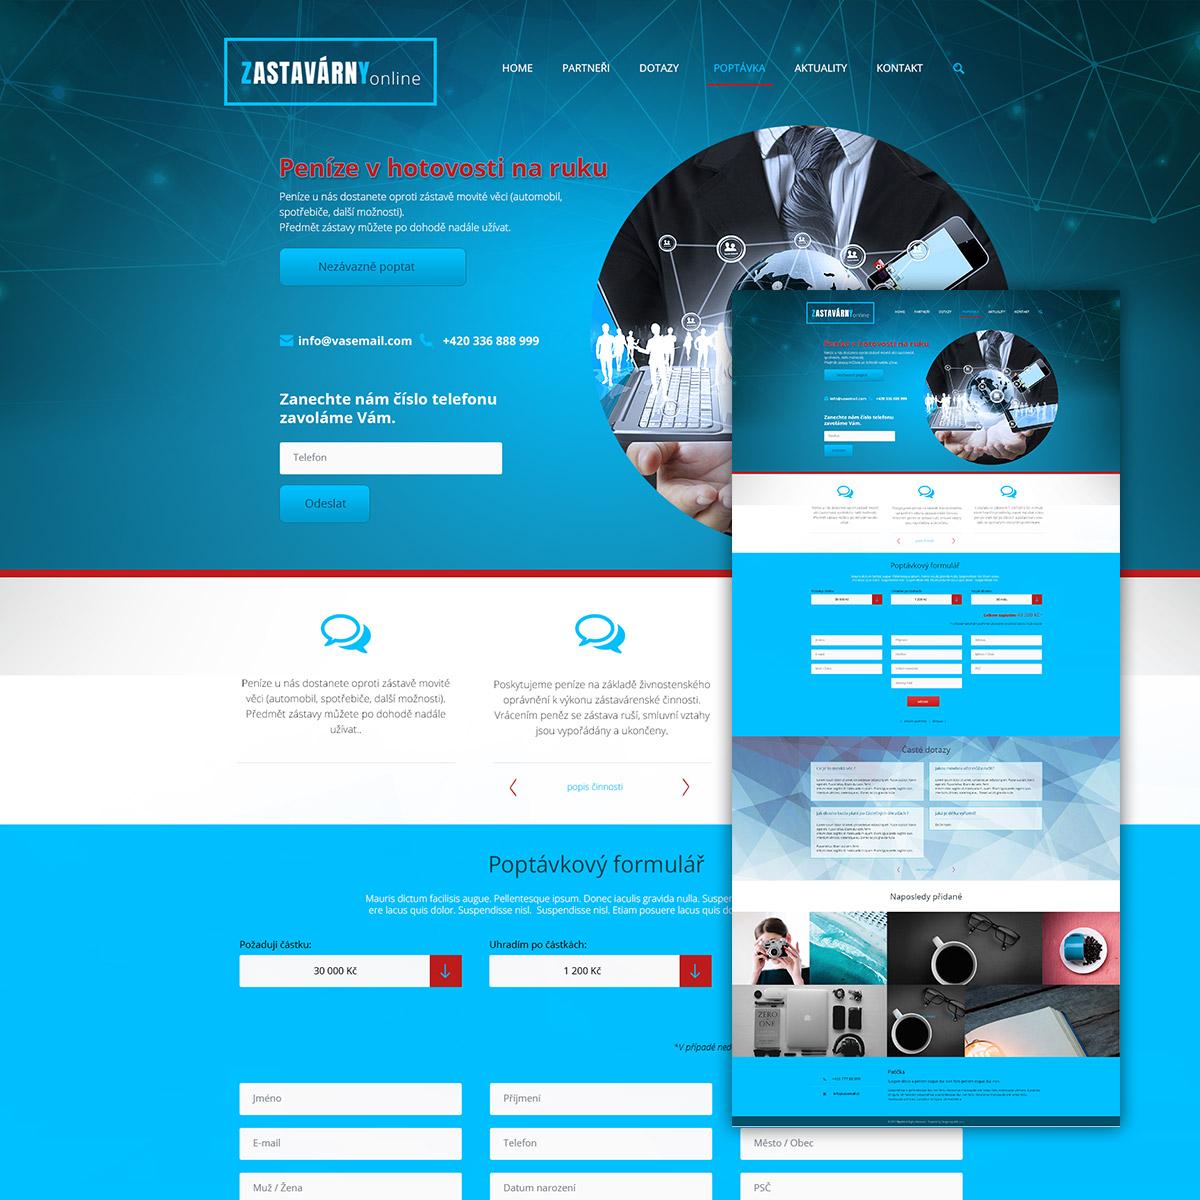 grafický návrh www stránek